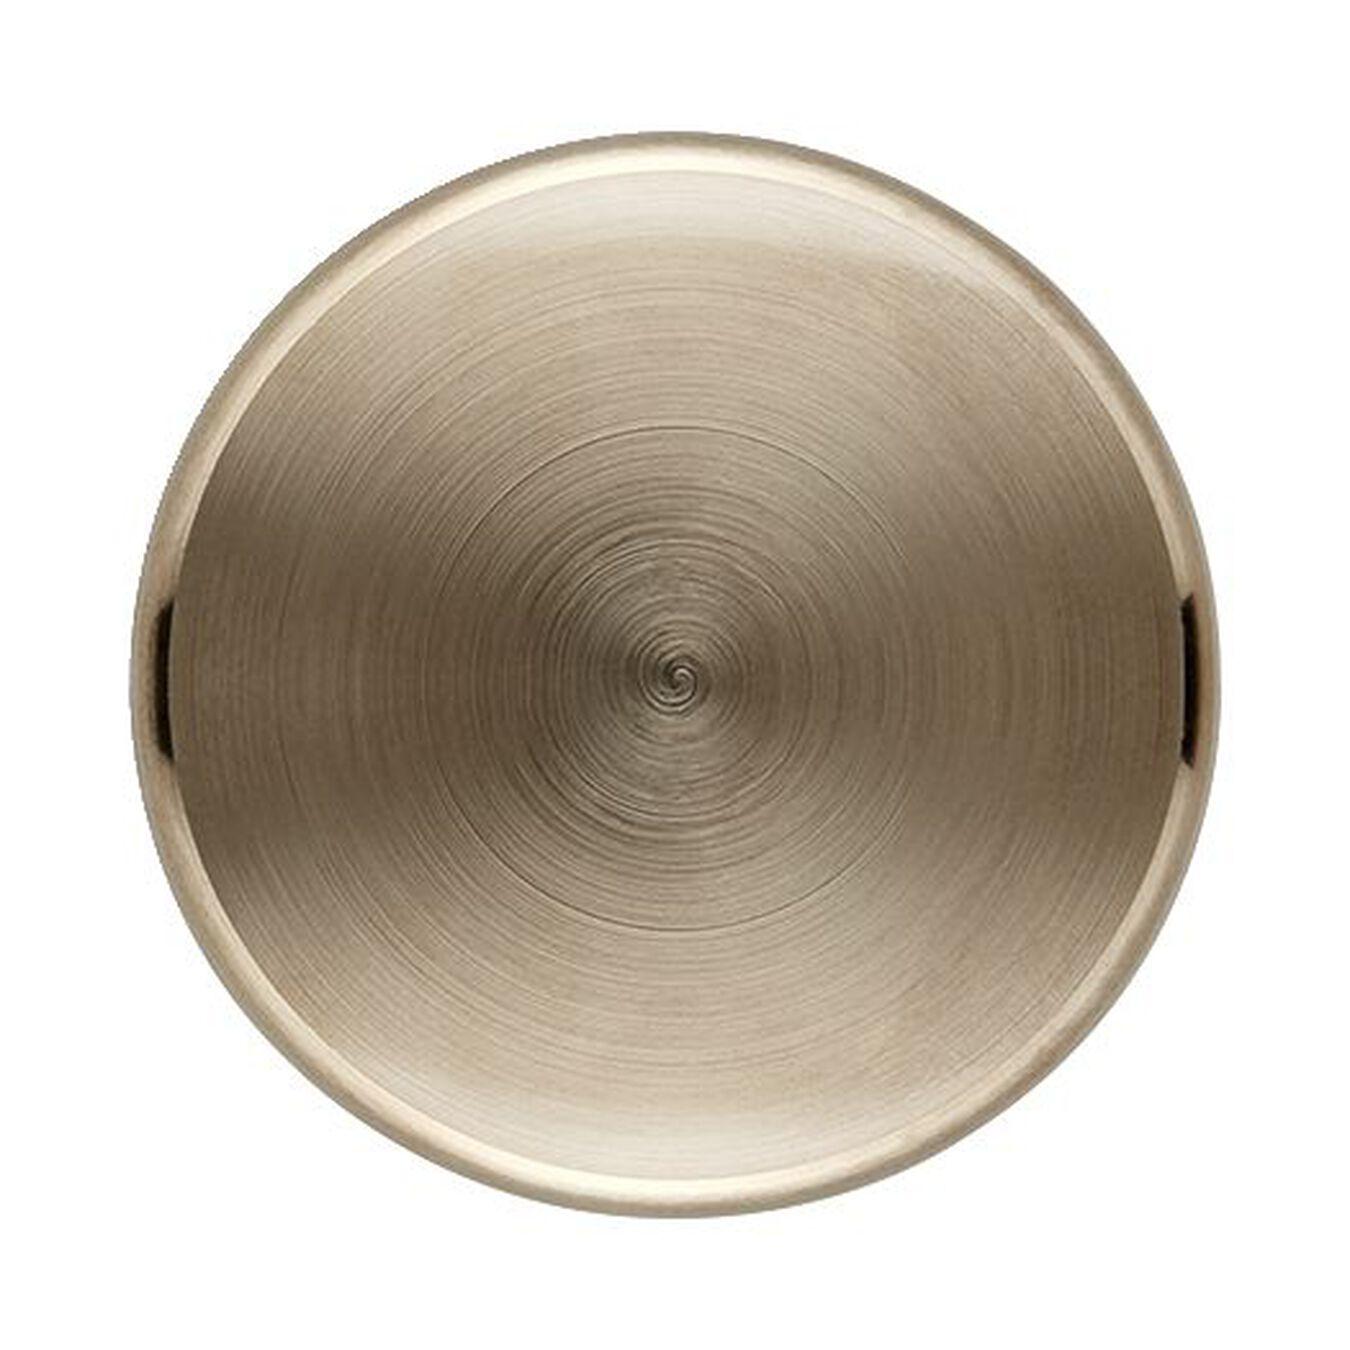 Puxador para caçarola em aço inox maciço 4 cm, Latão,,large 2